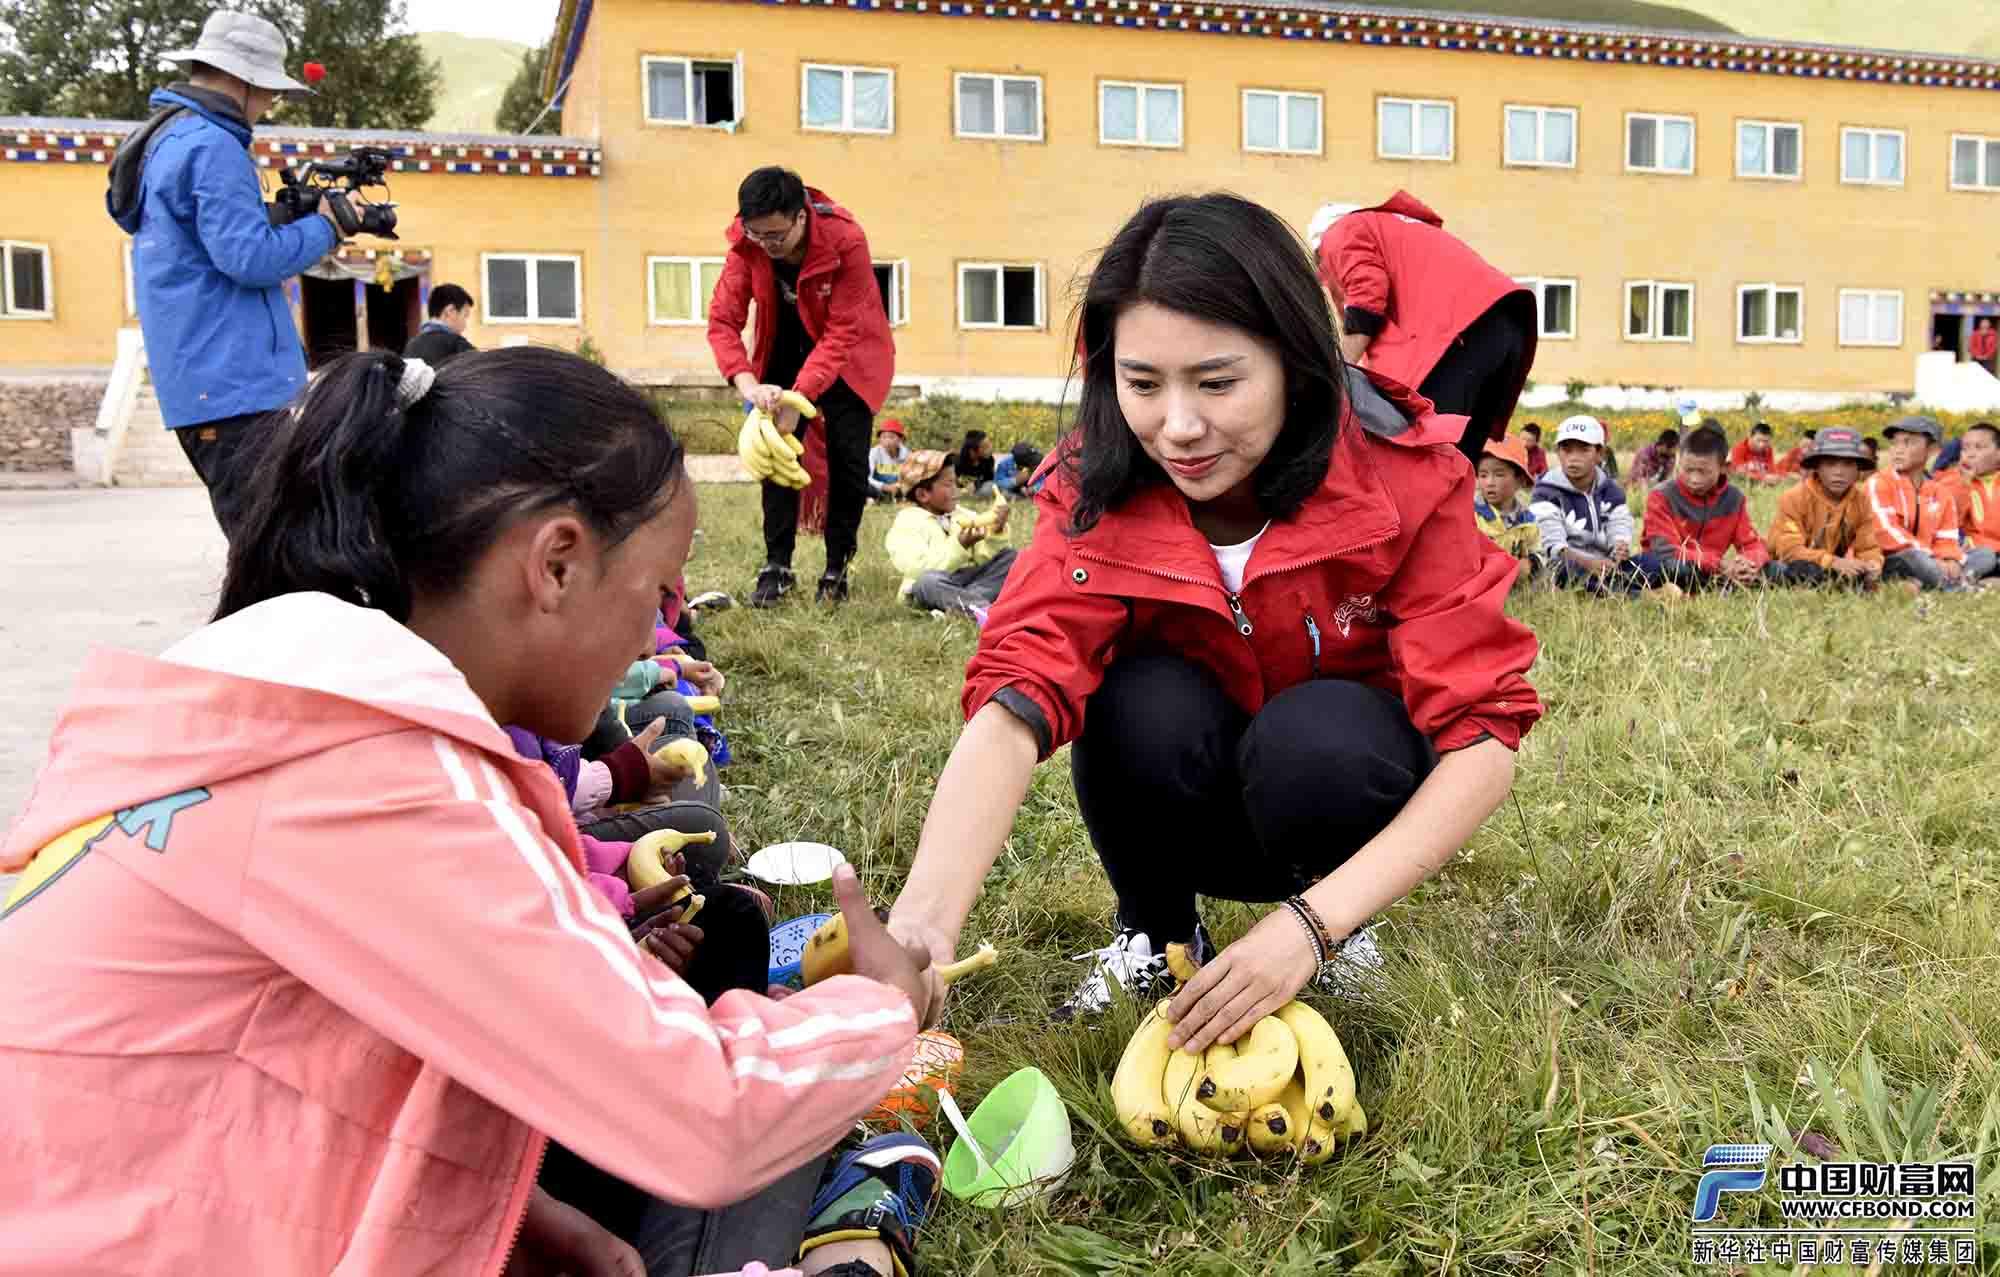 兴动公益团队给孩子发放午餐水果